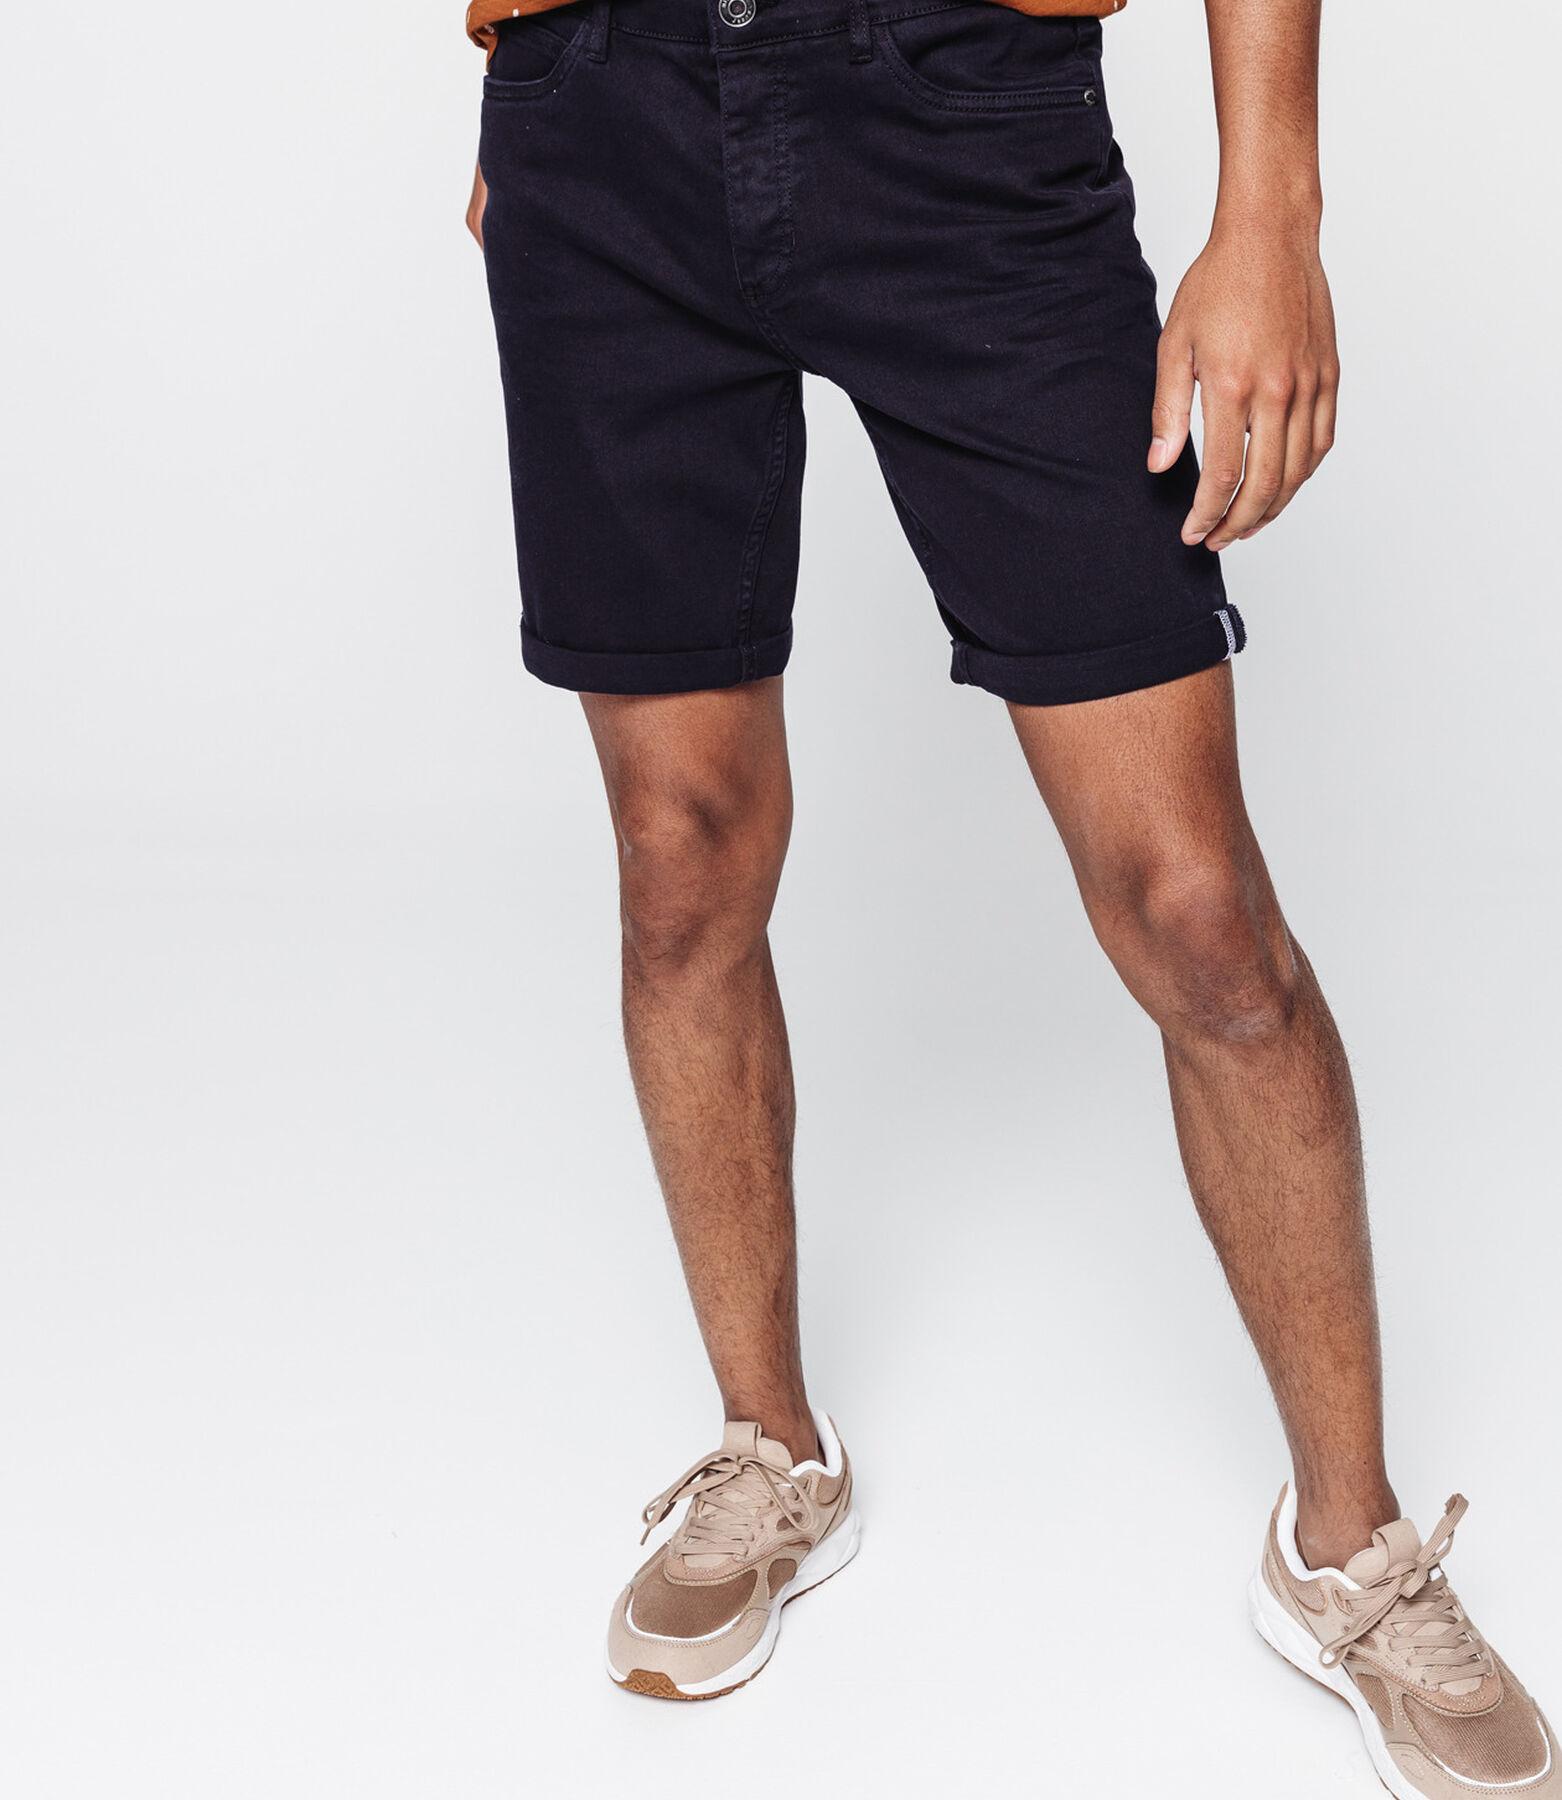 Bermuda en jean 5 poches